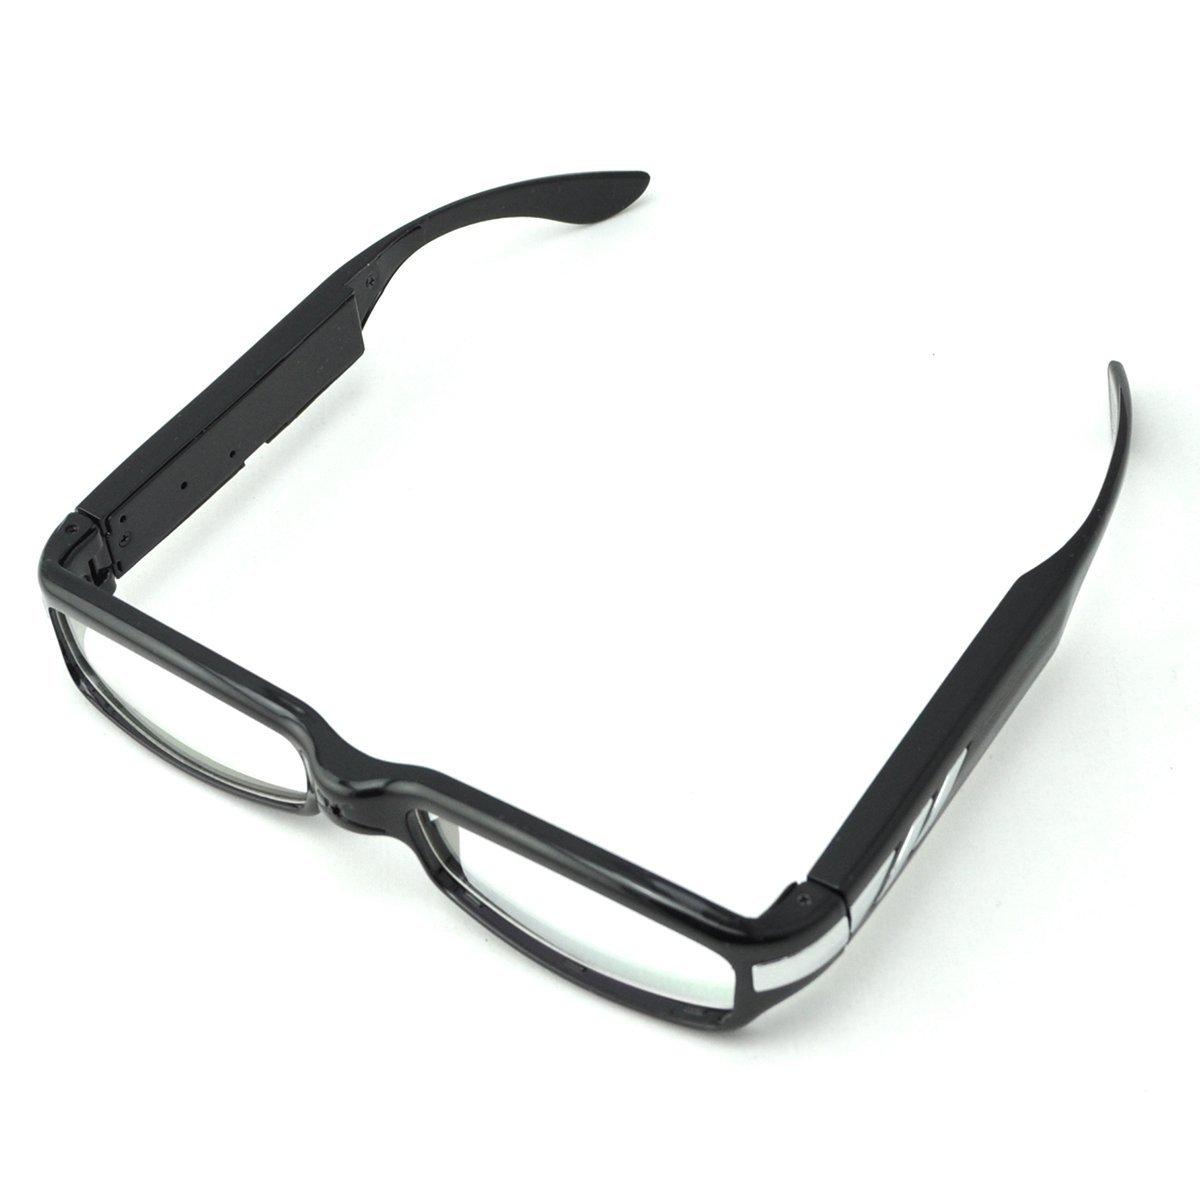 4db981704dc51 Get Quotations · Mini Camcorders 5 Megapixel FHD Glasses Camcorder Digital  Video Recorder Eyeware Camera Hidden Camera Glasses 1920